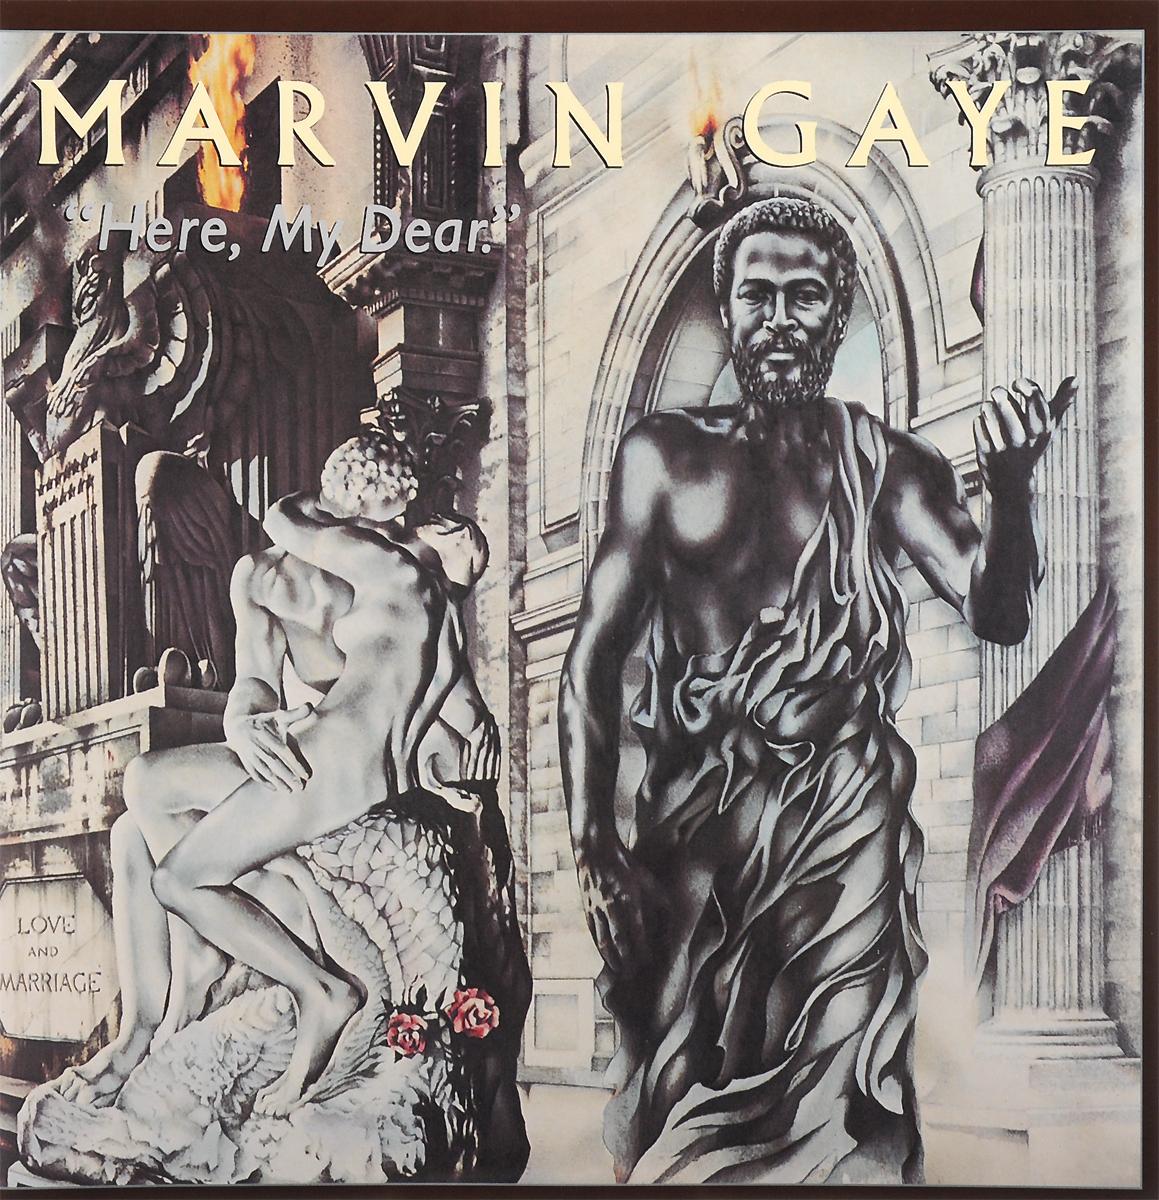 Марвин Гэй Marvin Gaye. Here, My Dear (2 LP) marvin gaye marvin gaye here my dear 2 lp